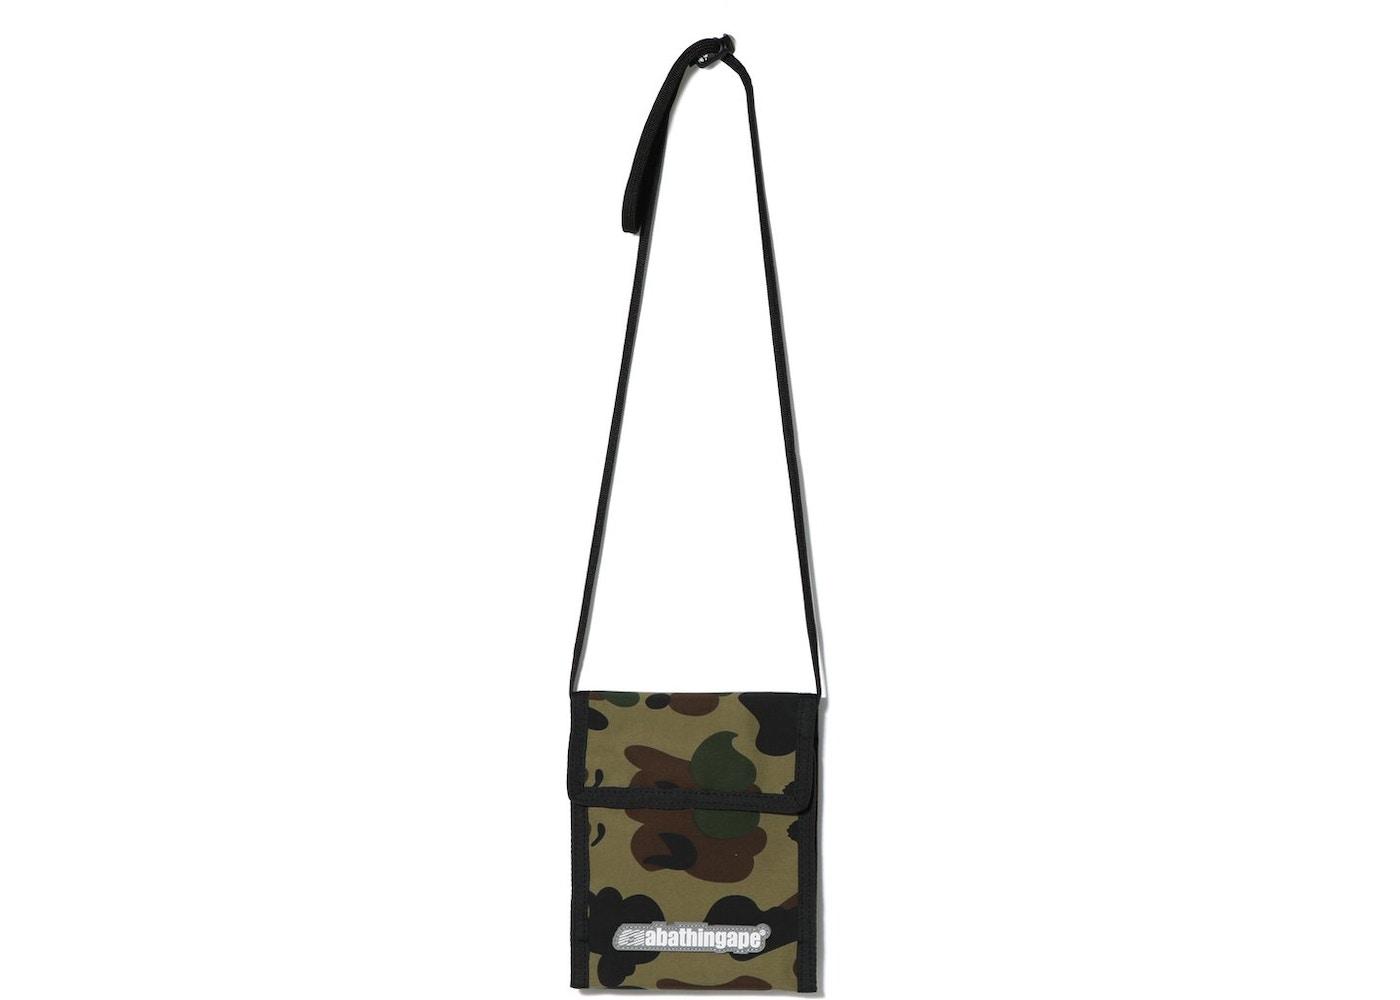 d52e44c04d Bape Bags - Buy   Sell Streetwear